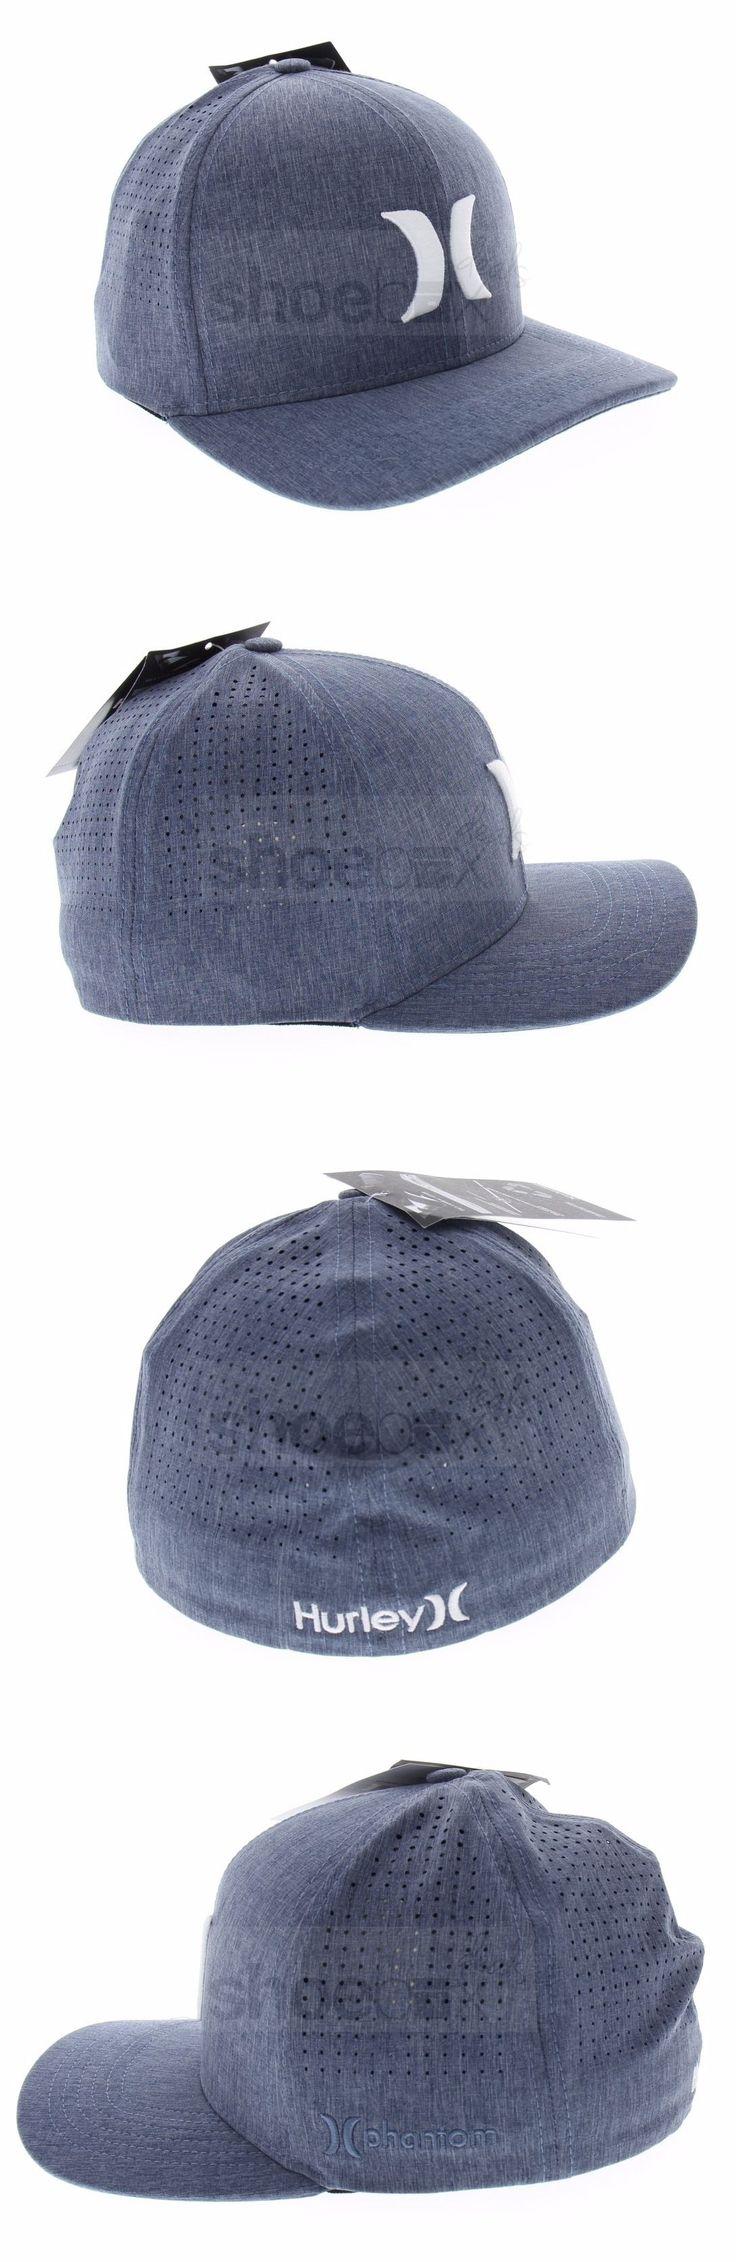 Hats 163543: Hurley Men S Phantom Vapor 3.0 Blue White Lightweight Hat Cap Mha0007290 45B -> BUY IT NOW ONLY: $34.96 on eBay!